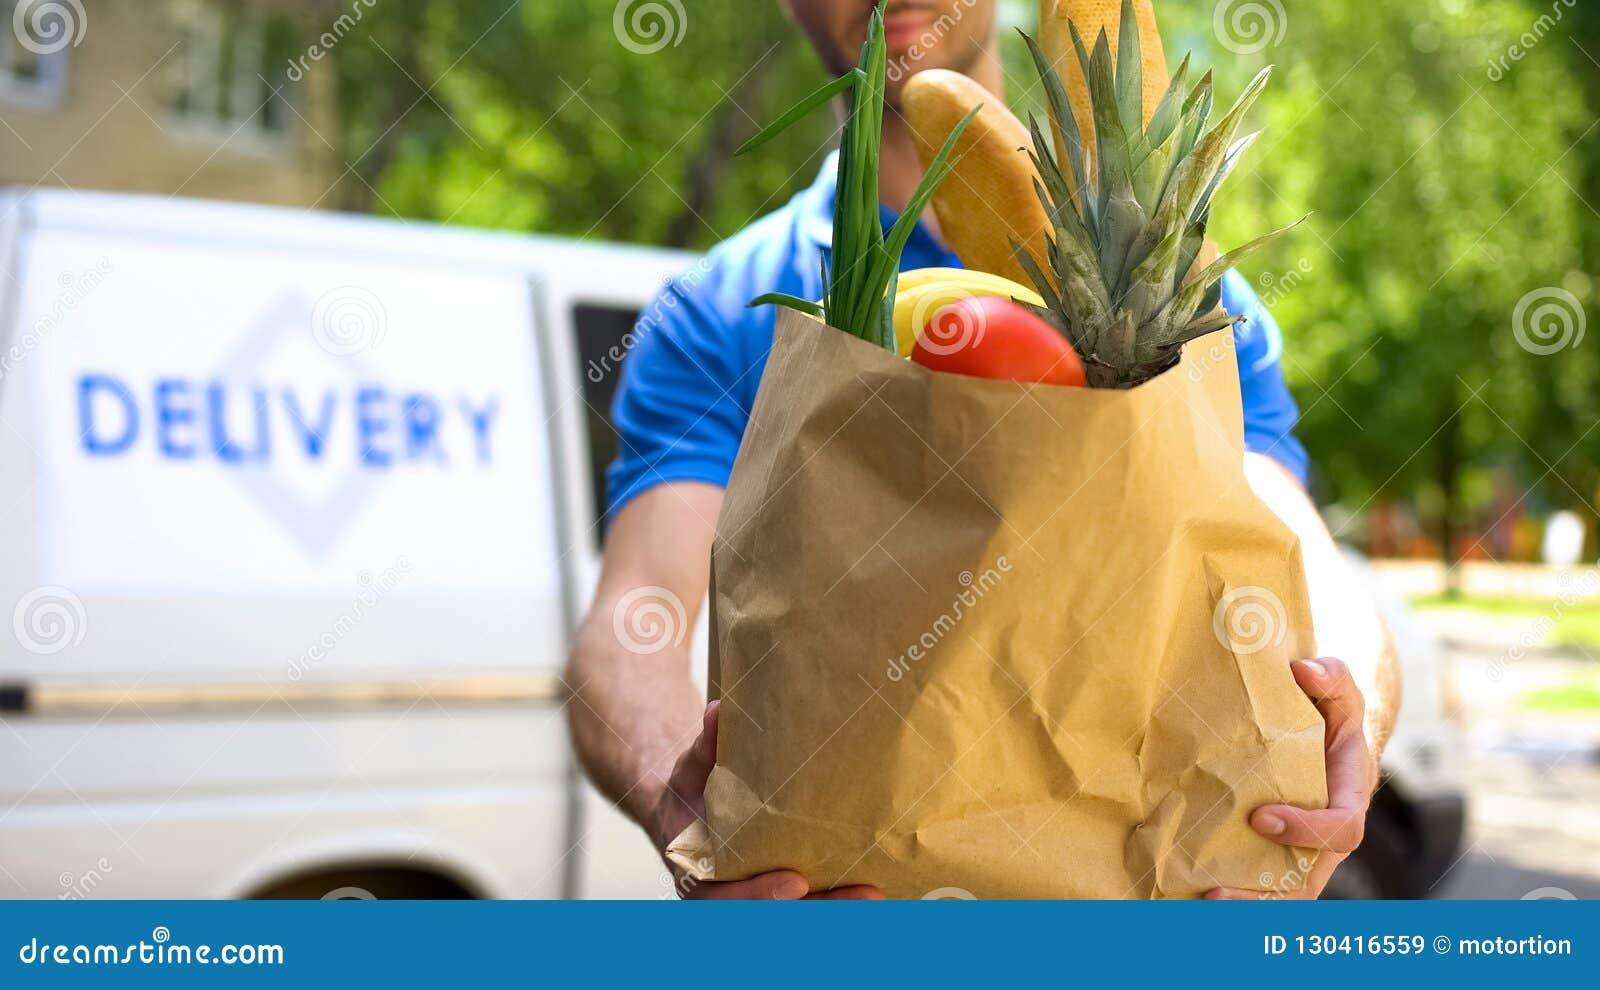 Introduza no mercado o trabalhador que dá o saco de mantimento, serviço de entrega dos bens, ordem expressa do alimento